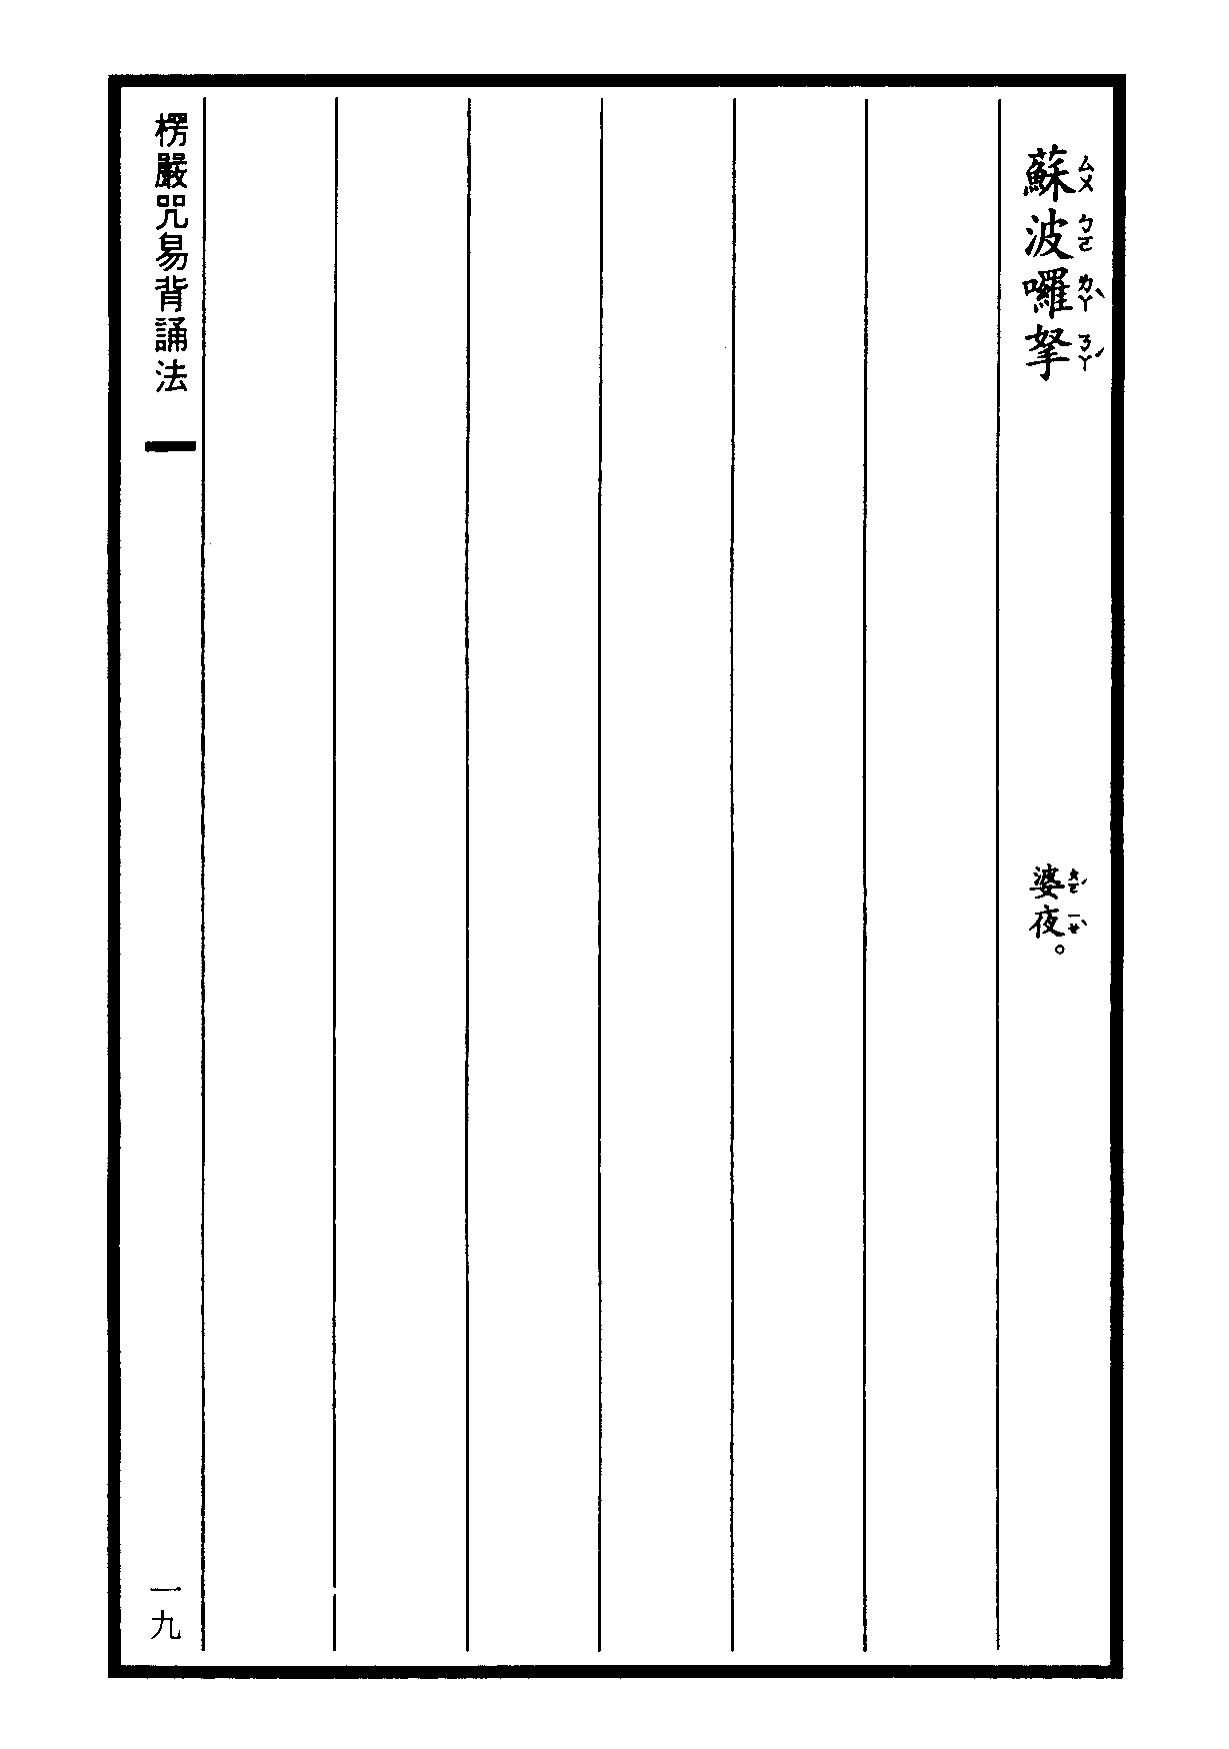 楞嚴咒-大悲咒-十小咒-易背本 25.png